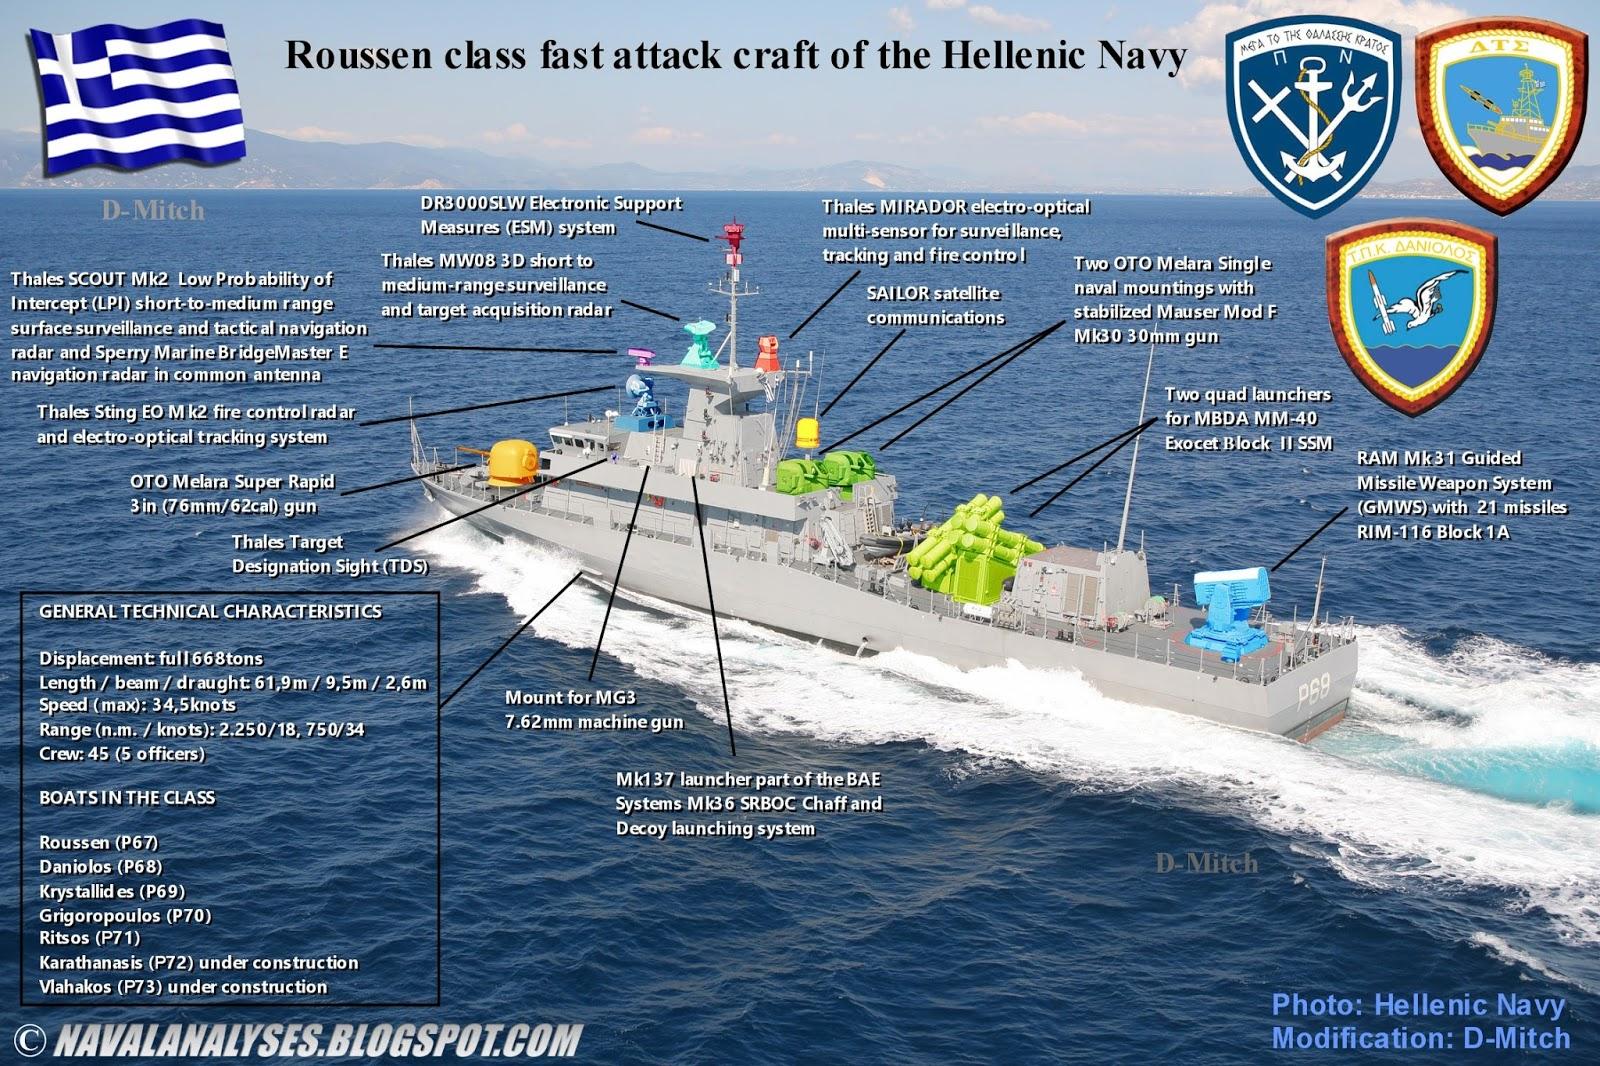 Грецький флот отримав шостий ракетний катер типу Roussen